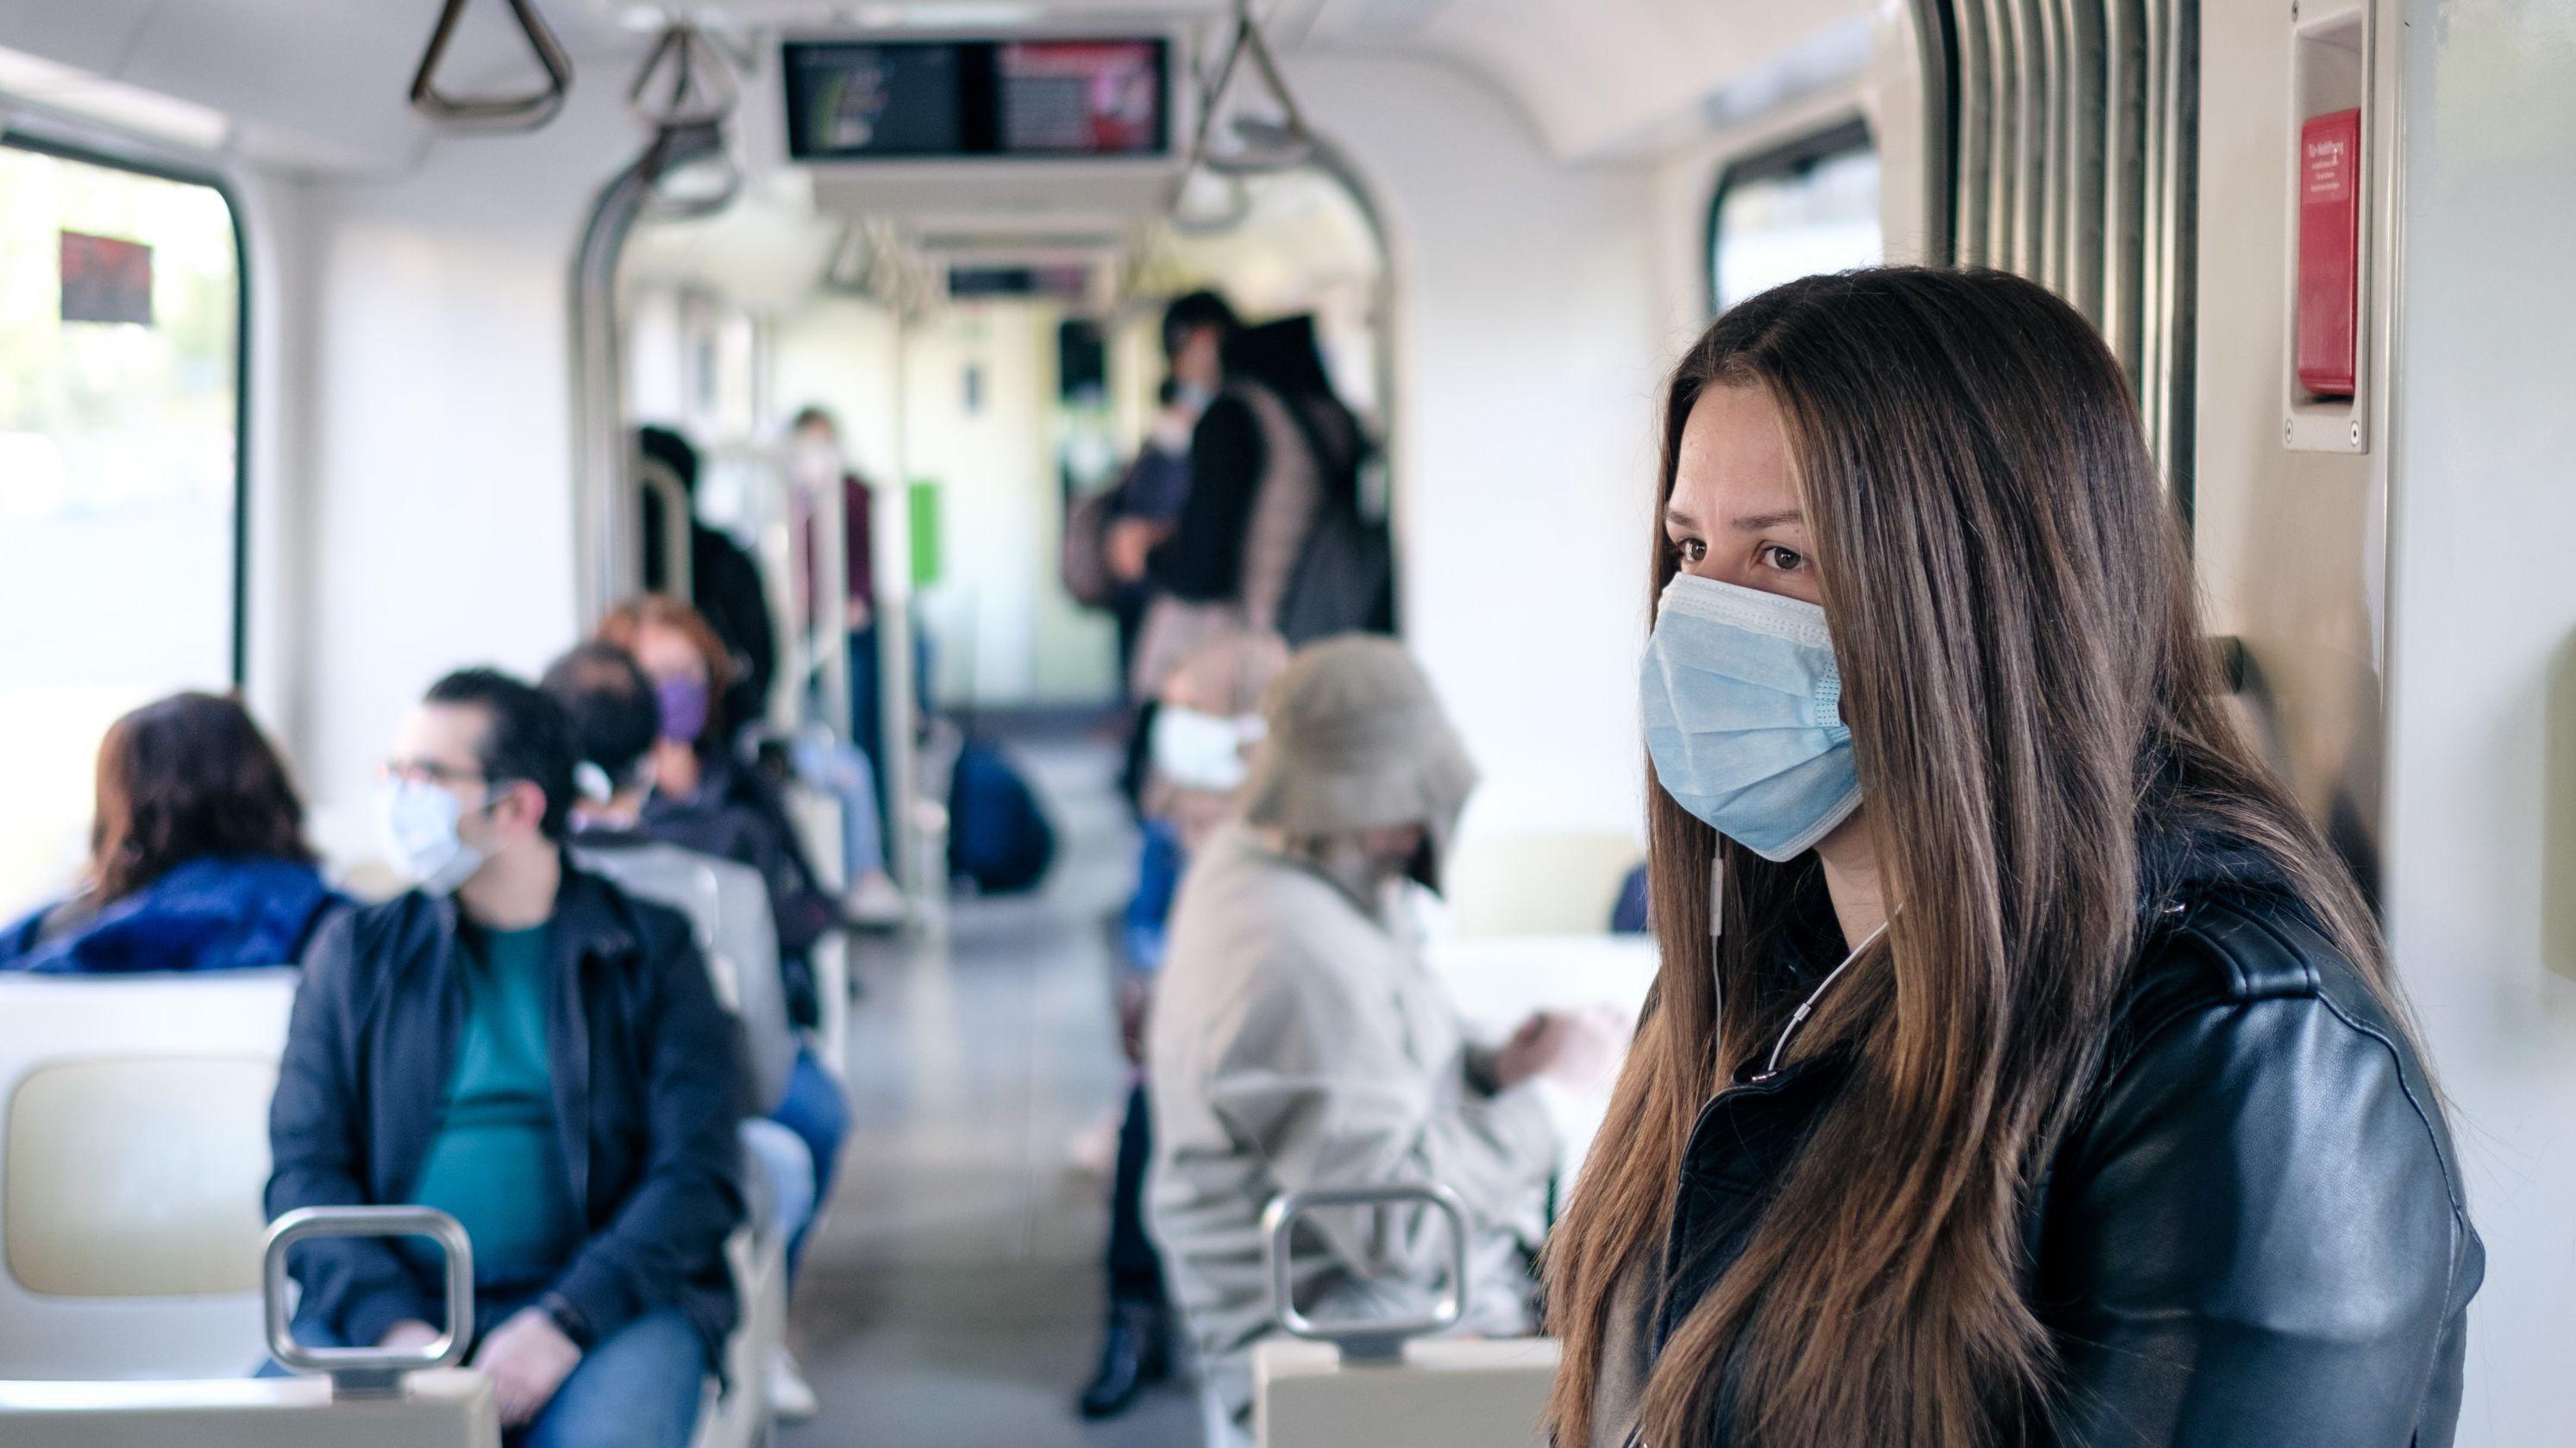 Unterwegs im Öffentlichen Nahverkehr: eine Frau mit Mund-Nasen-Schutzmaske